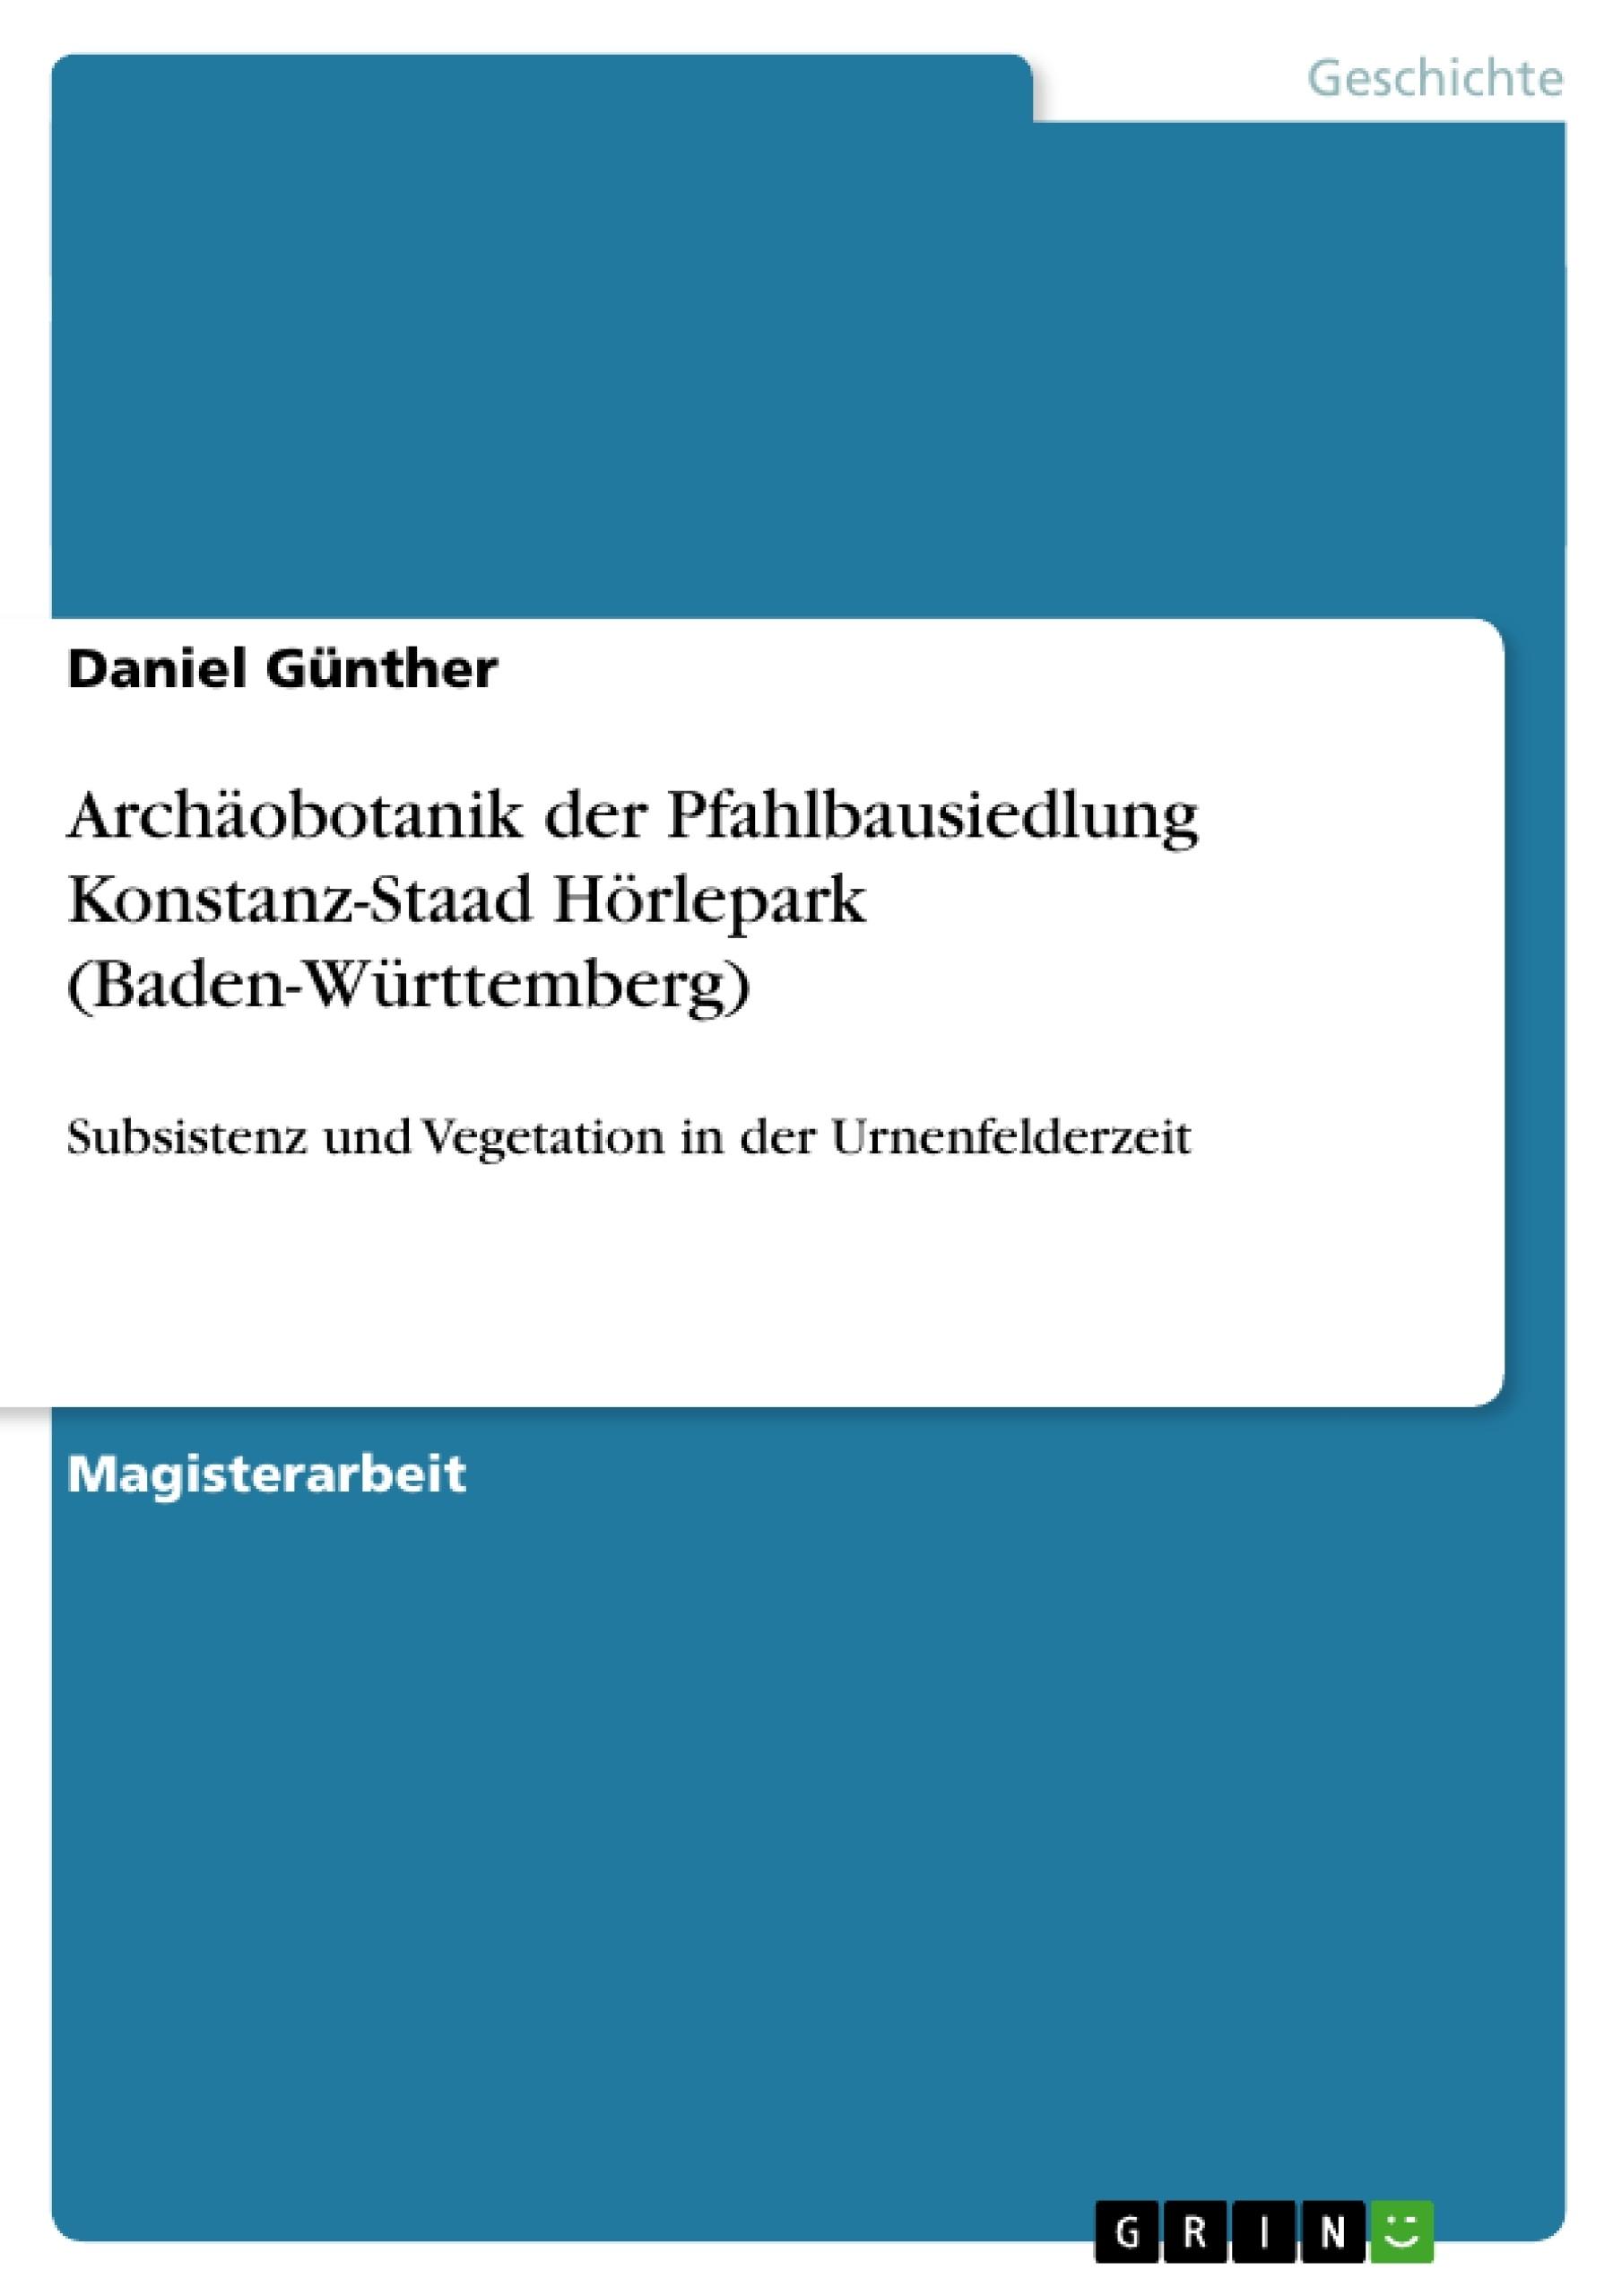 Titel: Archäobotanik der Pfahlbausiedlung Konstanz-Staad Hörlepark (Baden-Württemberg)